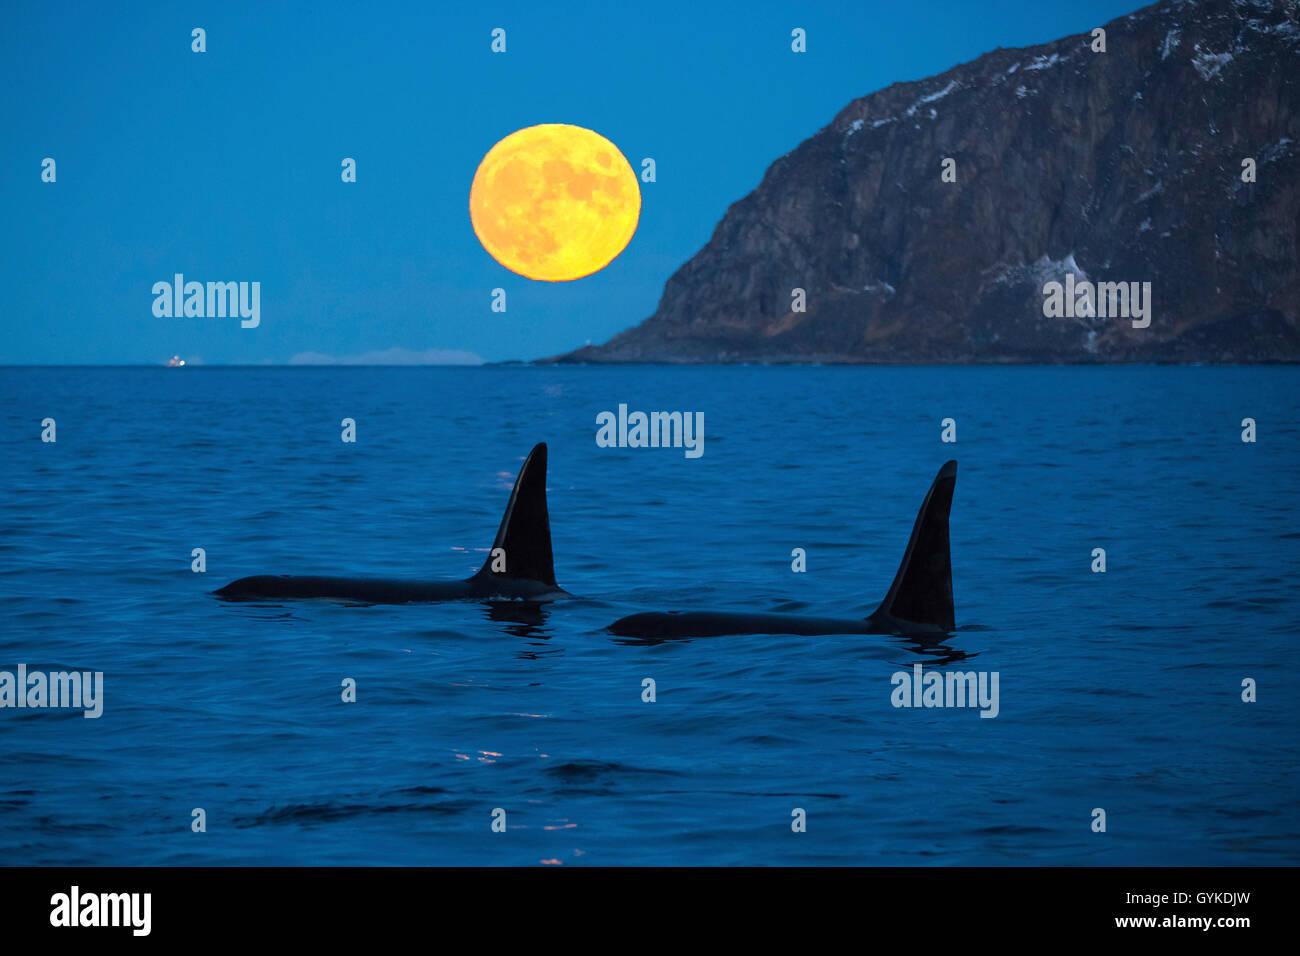 Schwertwal, Killerwal, Orca (Orcinus orca), zwei grosse Bullen vor aufgehendem Vollmond in der Daemmerung, Norwegen, - Stock Image